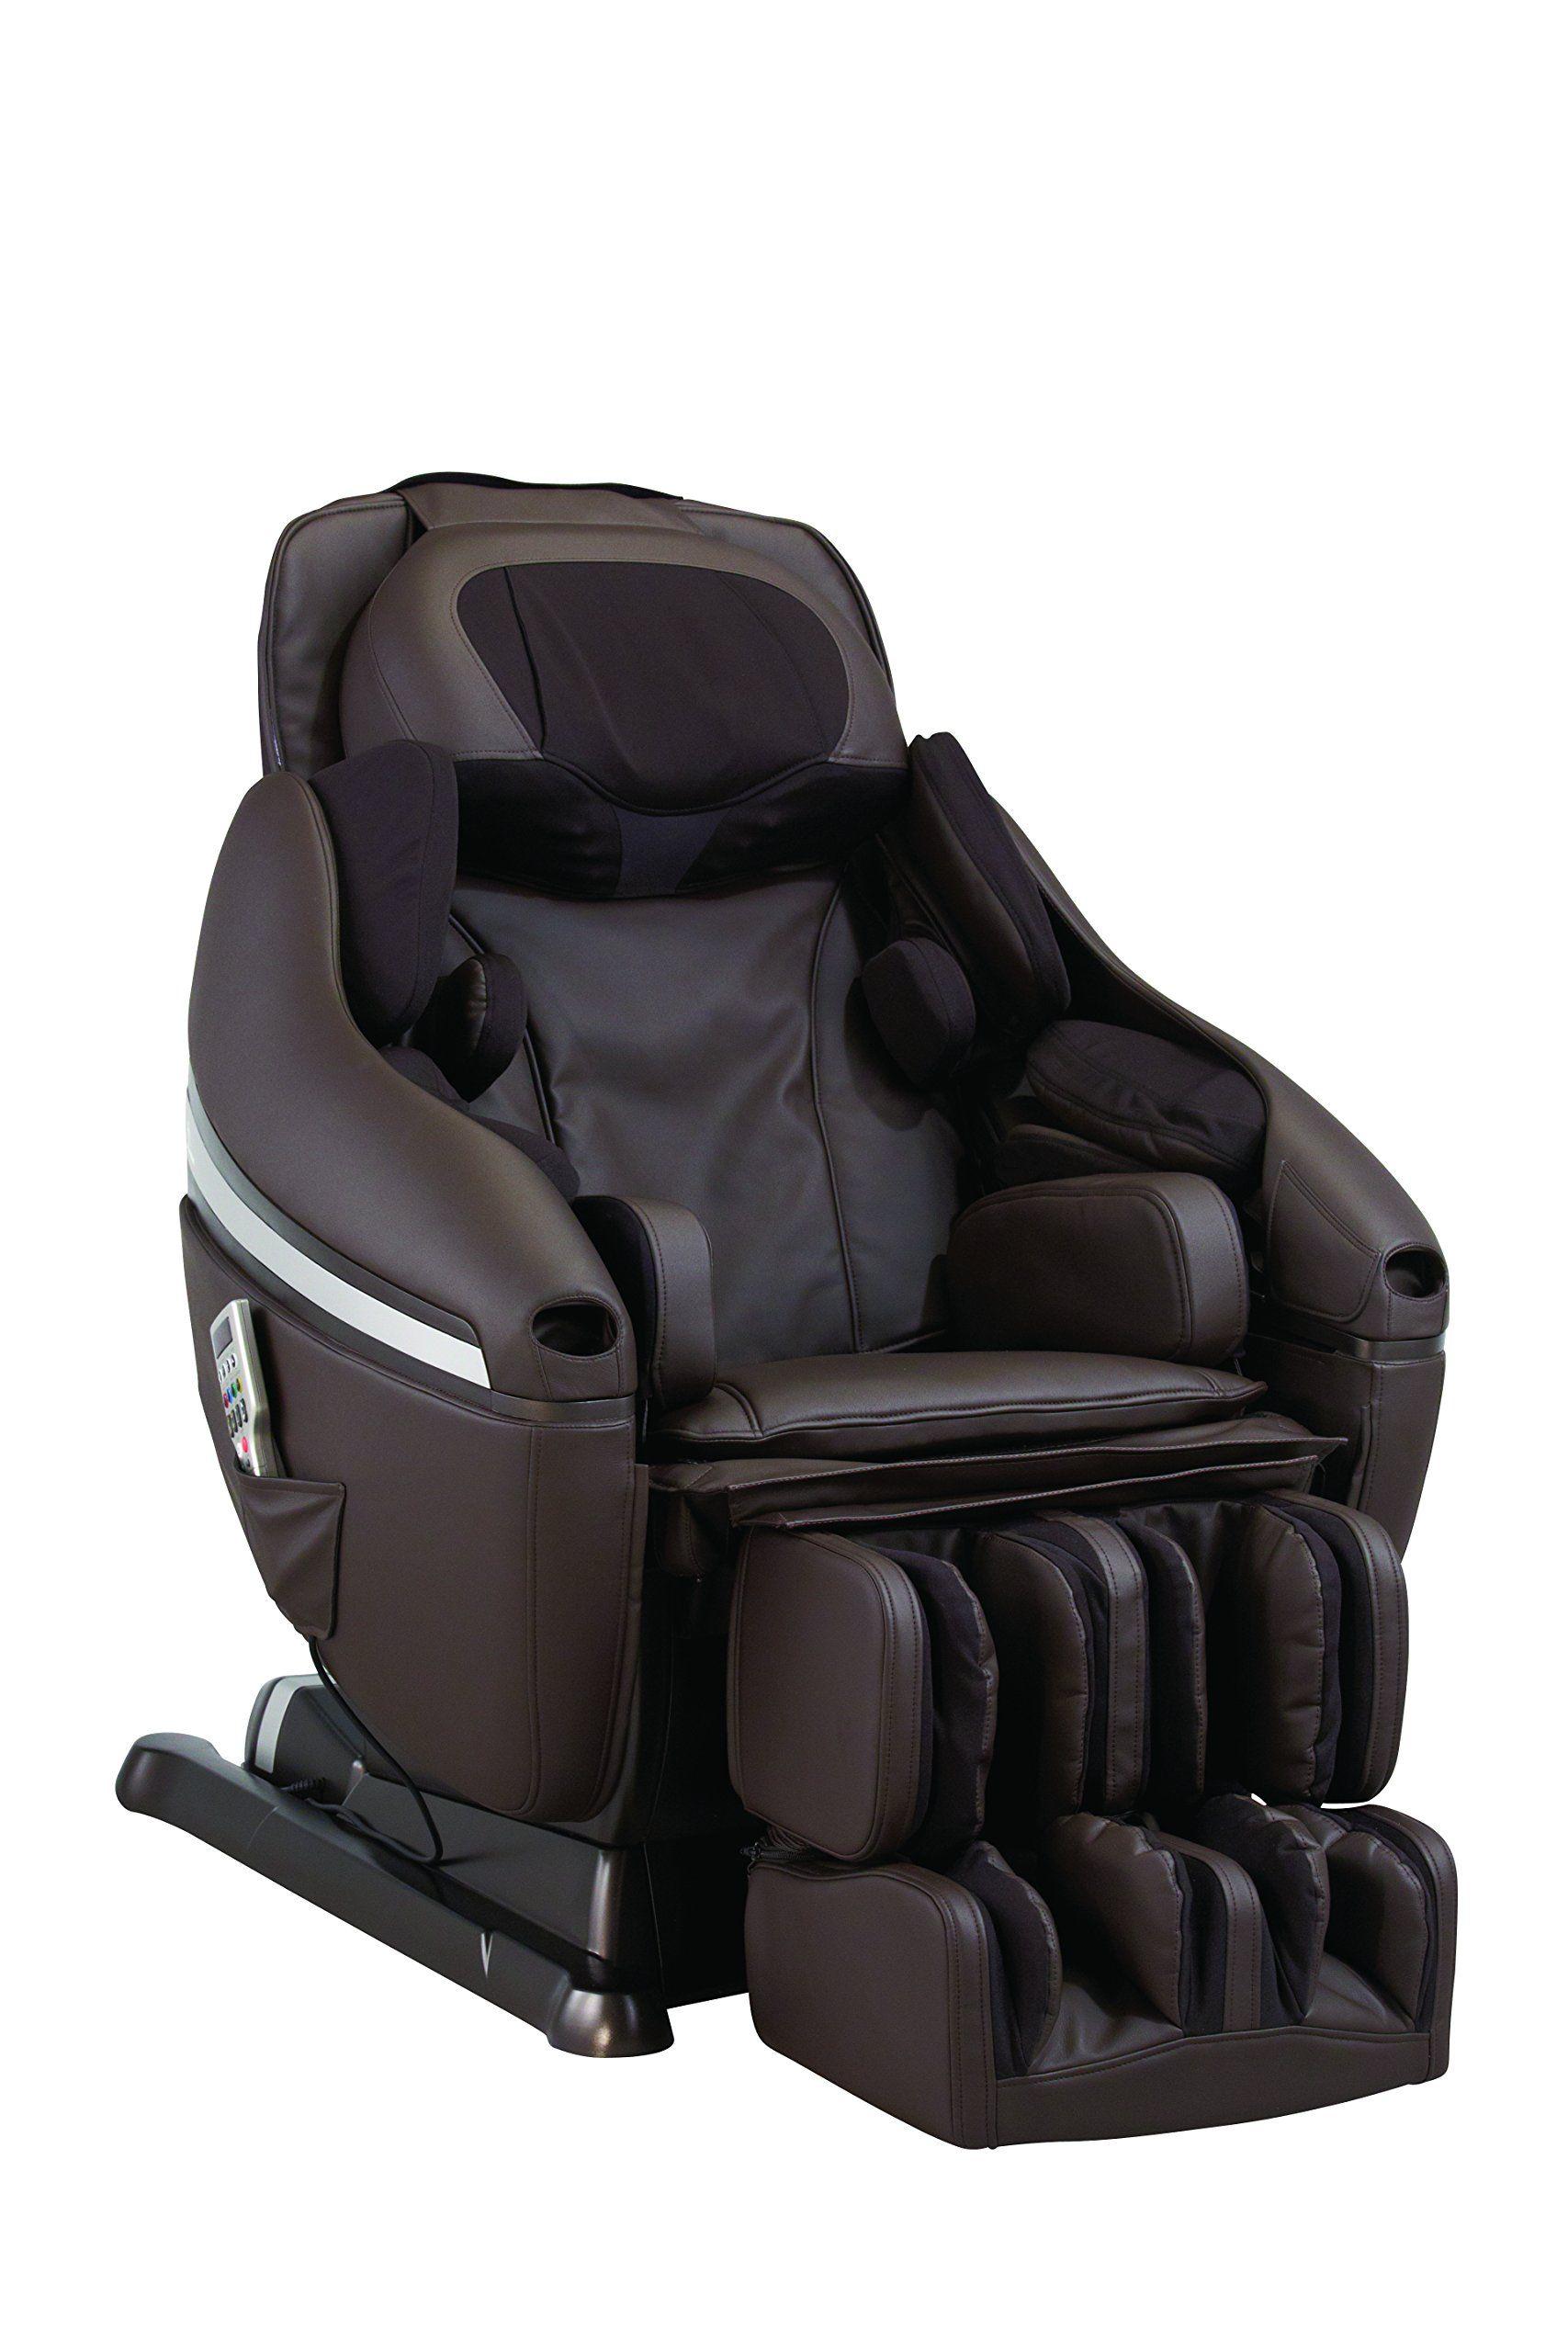 INADA DreamWave Massage Chair Dark Brown *** To view